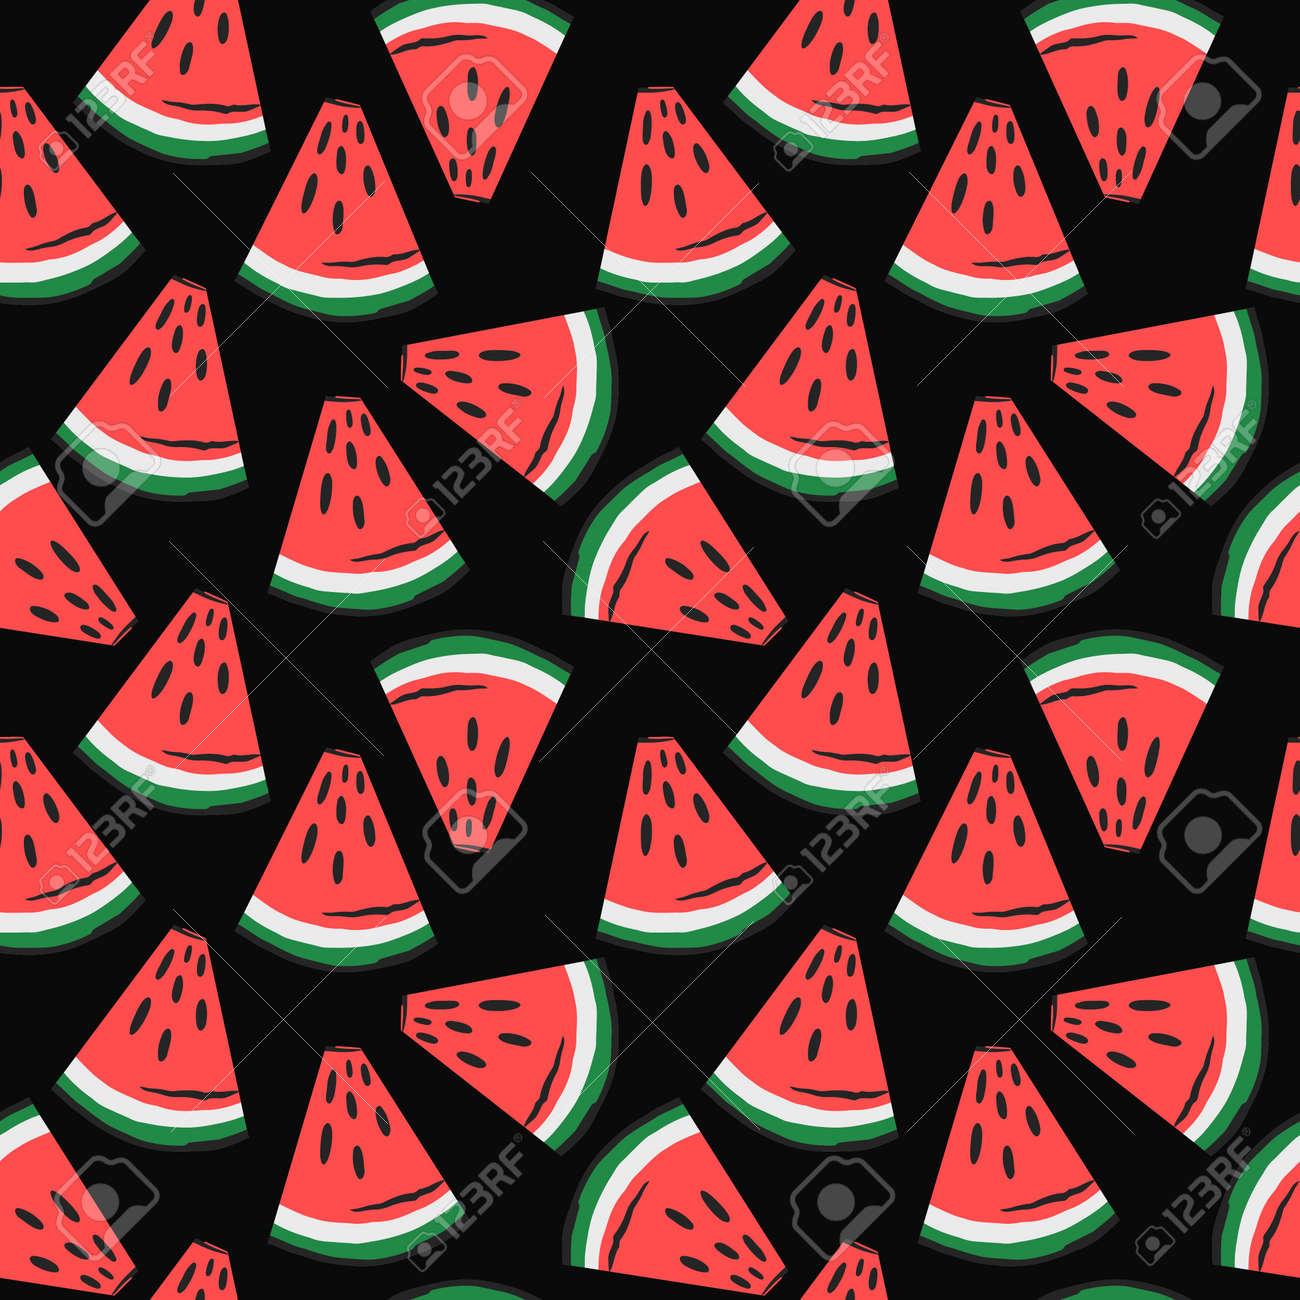 watermelon slices pattern. fruit background. Summer textile print on dark background. - 154728202